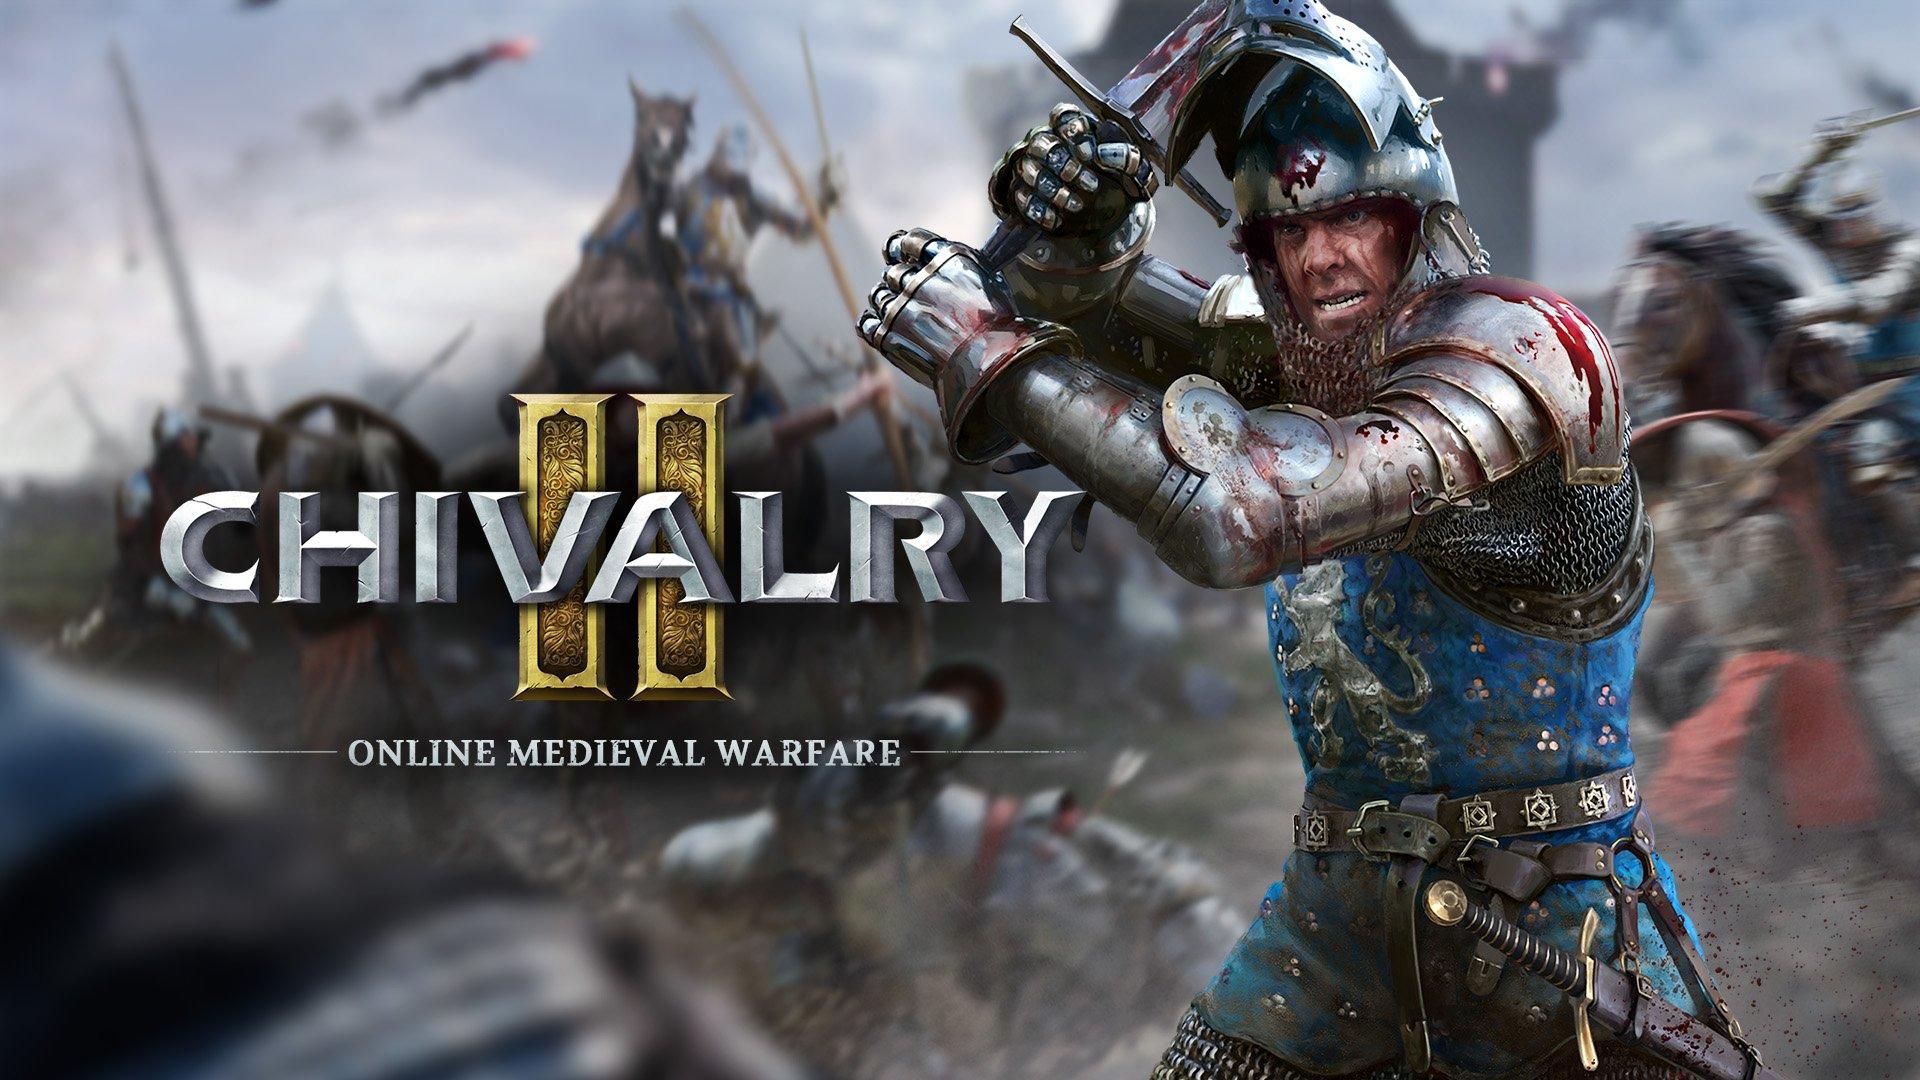 Chivalry II - Chivalry 2